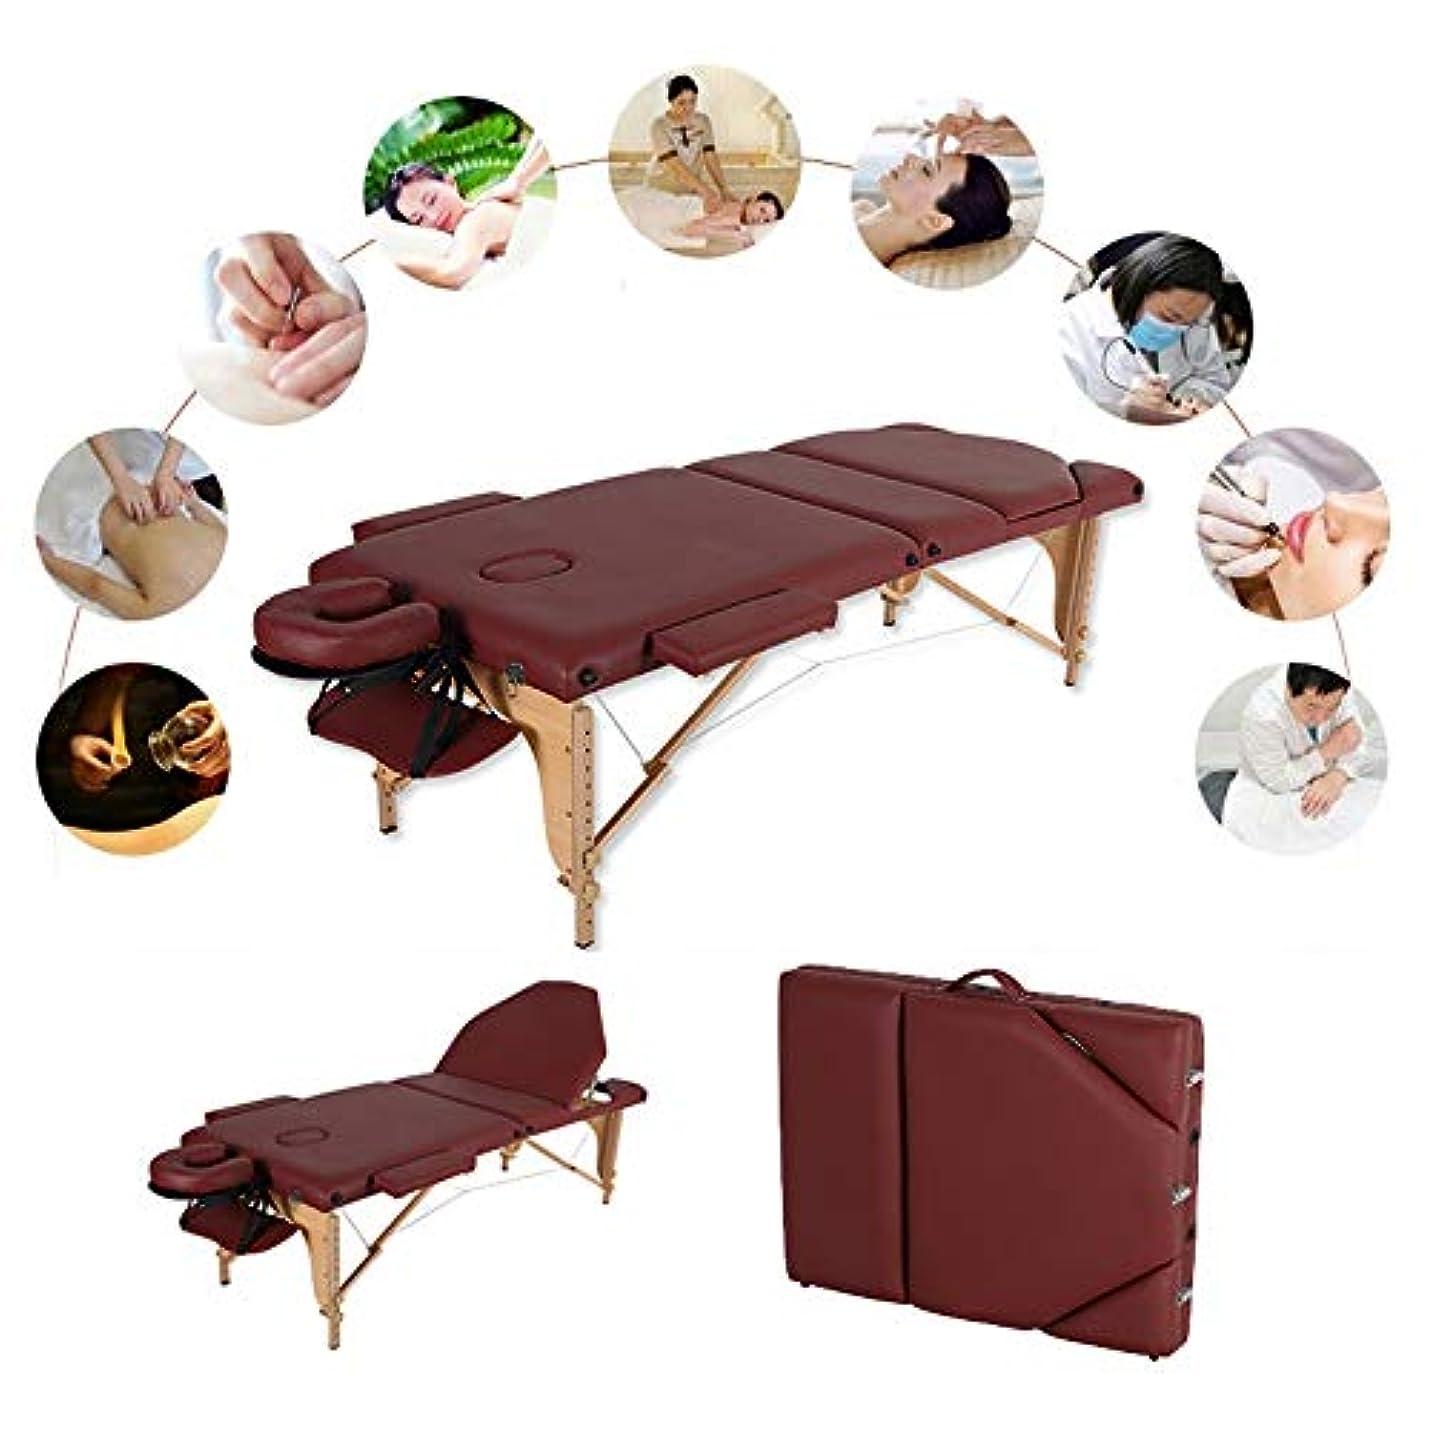 同行する無数の露出度の高いメタルヘッドレストサポート/キャリーバッグ - レイキセラピートリートメントサロン癒しのためのポータブルマッサージベッドテーブル3節折り畳み式美容ソファー